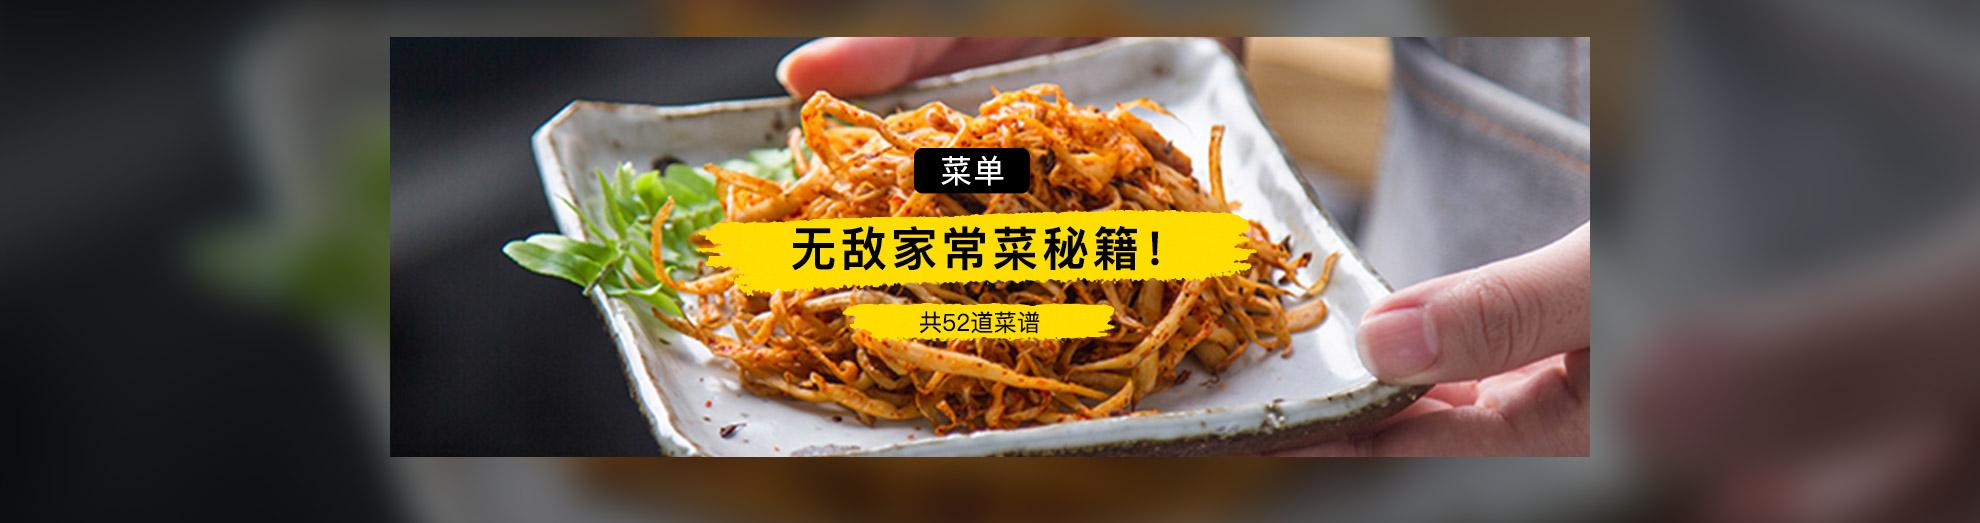 无敌家常菜秘籍!}